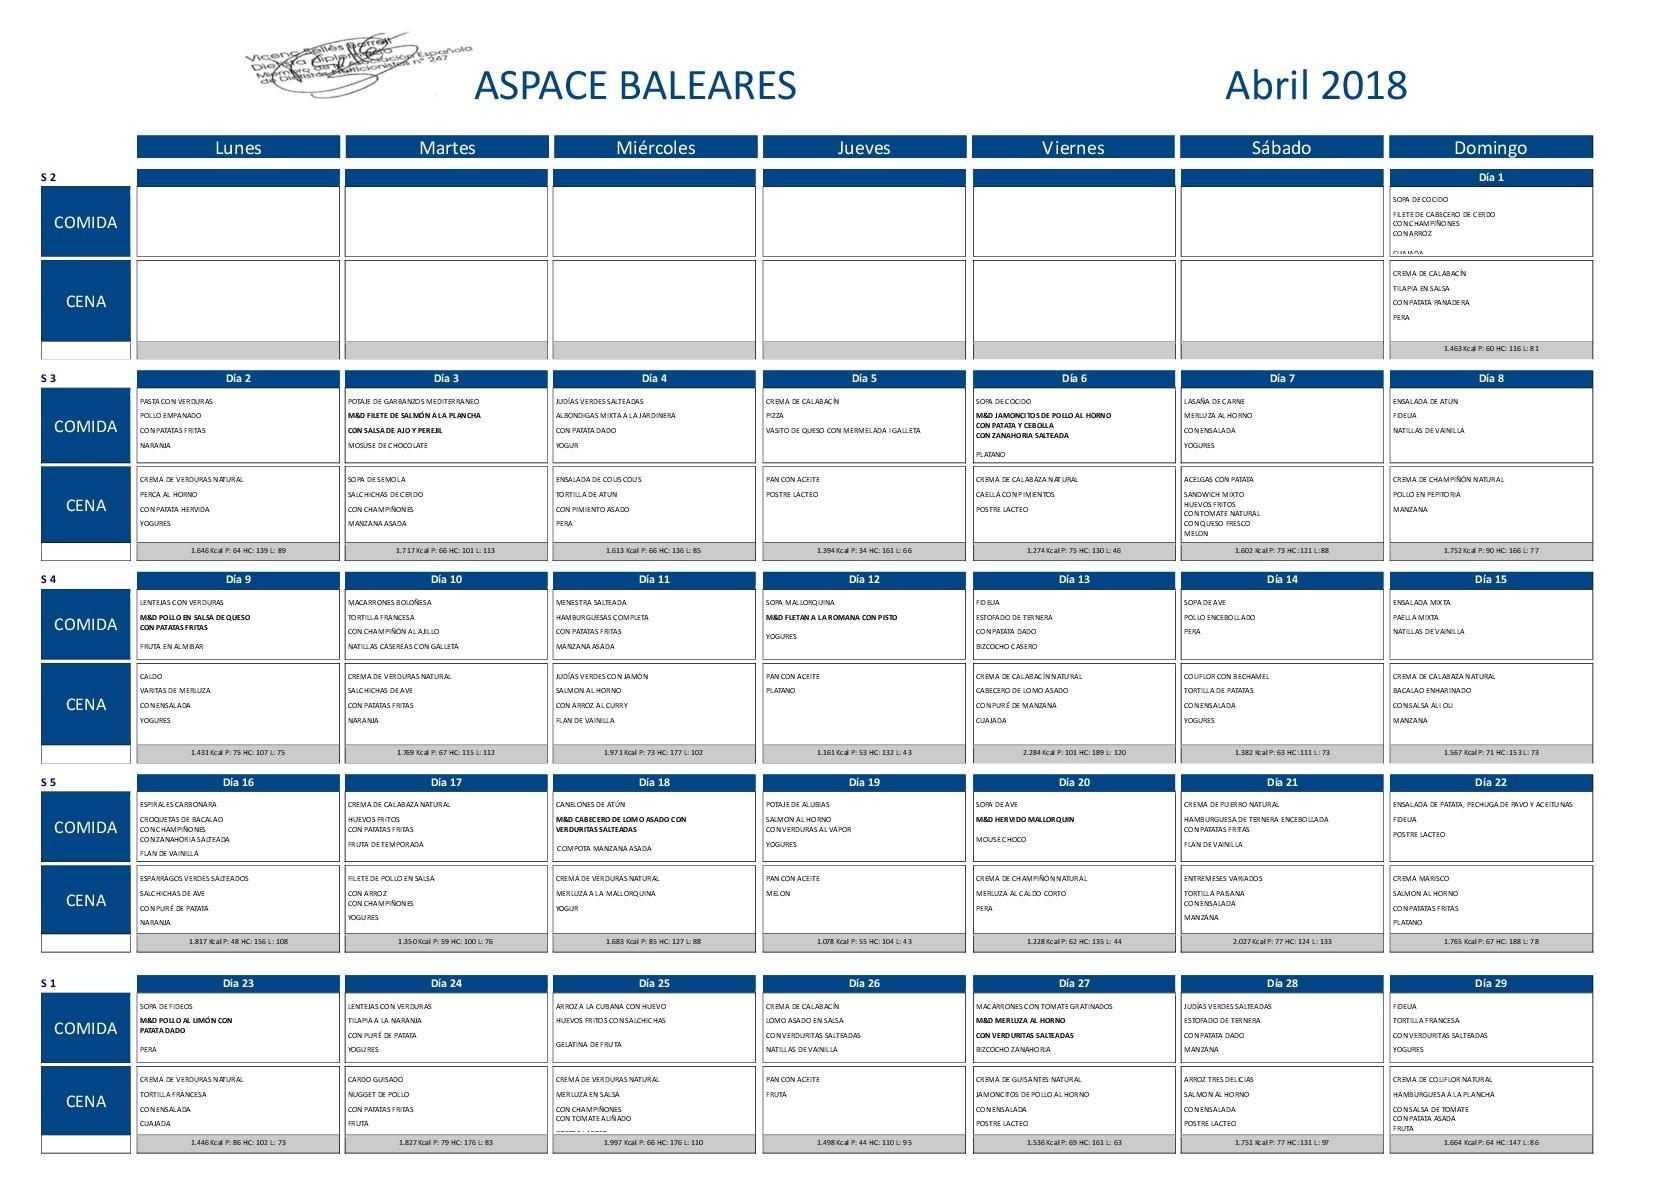 Calendario Laboral 2019 Aragon Recientes Unicaci³n aspace Baleares aspace Mallorcaaspace Mallorca Of Calendario Laboral 2019 Aragon Más Caliente Boe Documento Consolidado Boe A 2018 9268